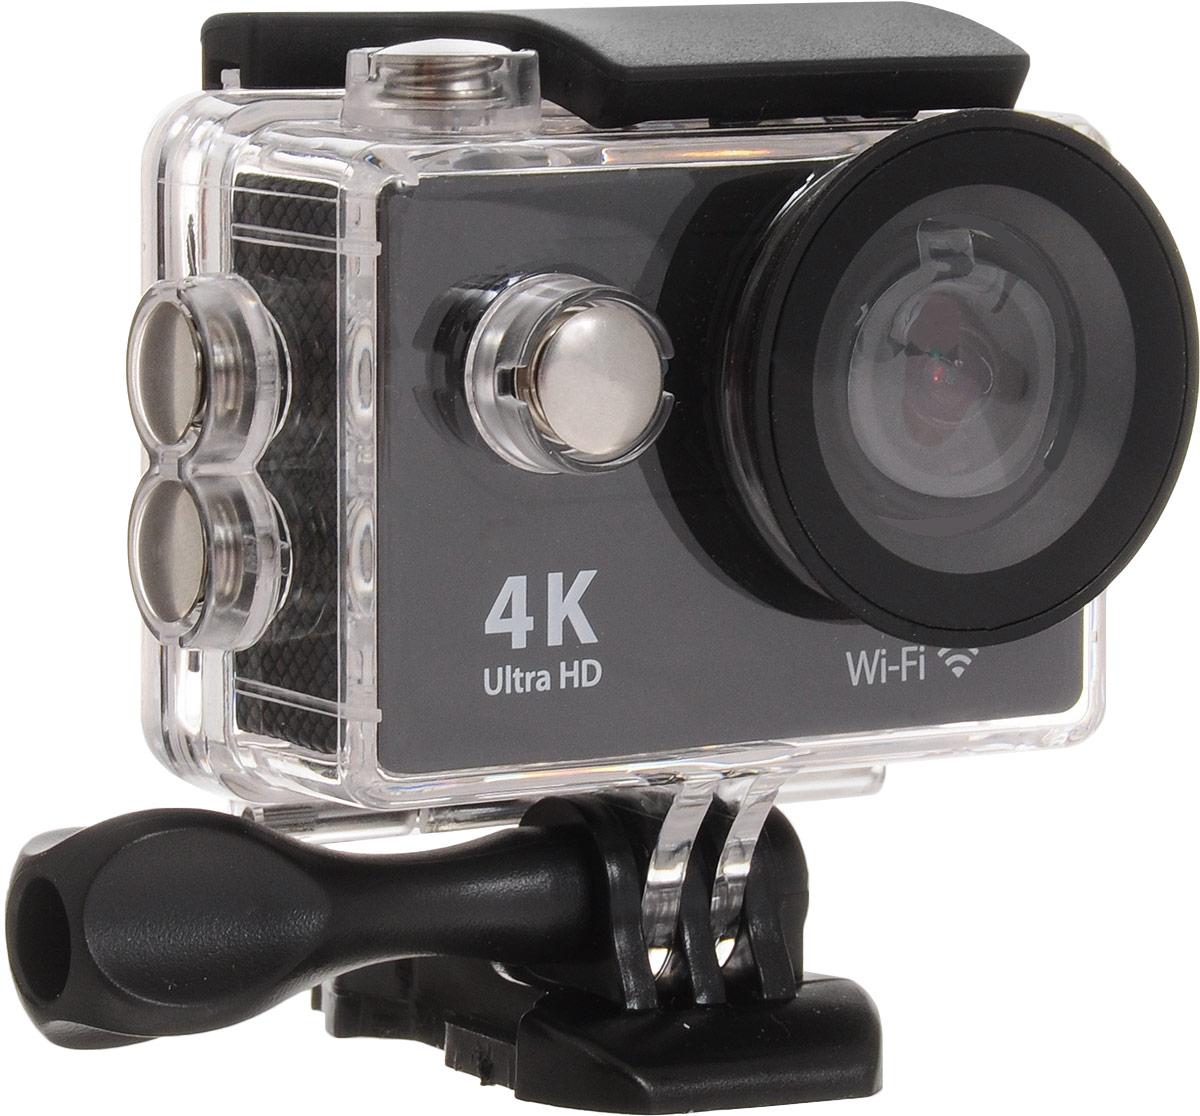 Eken H9R Ultra HD, Black экшн-камераH9RЭкшн-камера Eken H9R Ultra HD позволяет записывать видео с разрешением 4К и очень плавным изображением до 30 кадров в секунду. Камера оснащена 2 TFT LCD экраном. Эта модель сделана для любителей спорта на улице, подводного плавания, скейтбординга, скай-дайвинга, скалолазания, бега или охоты. Снимайте с руки, на велосипеде, в машине и где угодно. По сравнению с предыдущими версиями, в Eken H9R Ultra HD вы найдете уменьшенные размеры корпуса, увеличенный до 2-х дюймов экран, невероятную оптику и фантастическое разрешение изображения при съемке 30 кадров в секунду! Управляйте вашей H9R на своем смартфоне или планшете. Приложение Ez iCam App позволяет работать с браузером и наблюдать все то, что видит ваша камера. В комплекте с камерой идет пульт ДУ работающий на частоте 2,4 ГГц. Он позволяет начинать и заканчивать съемку удаленно.